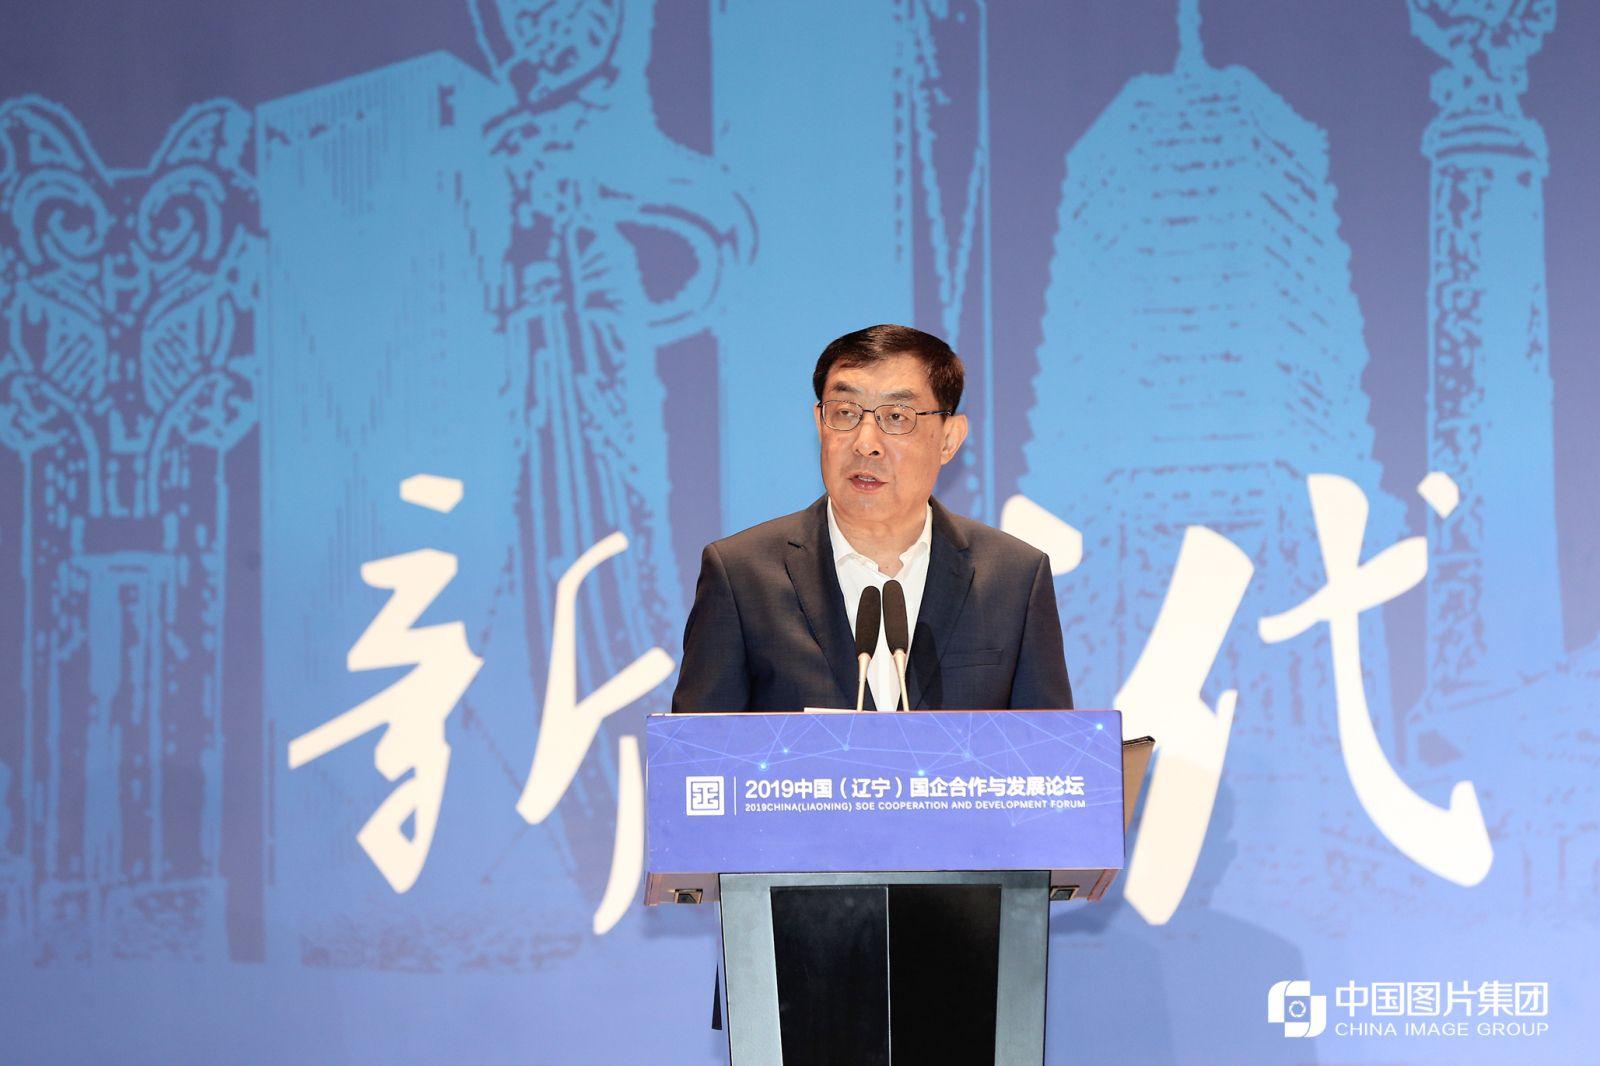 十二届全国政协副主席马培华致辞。